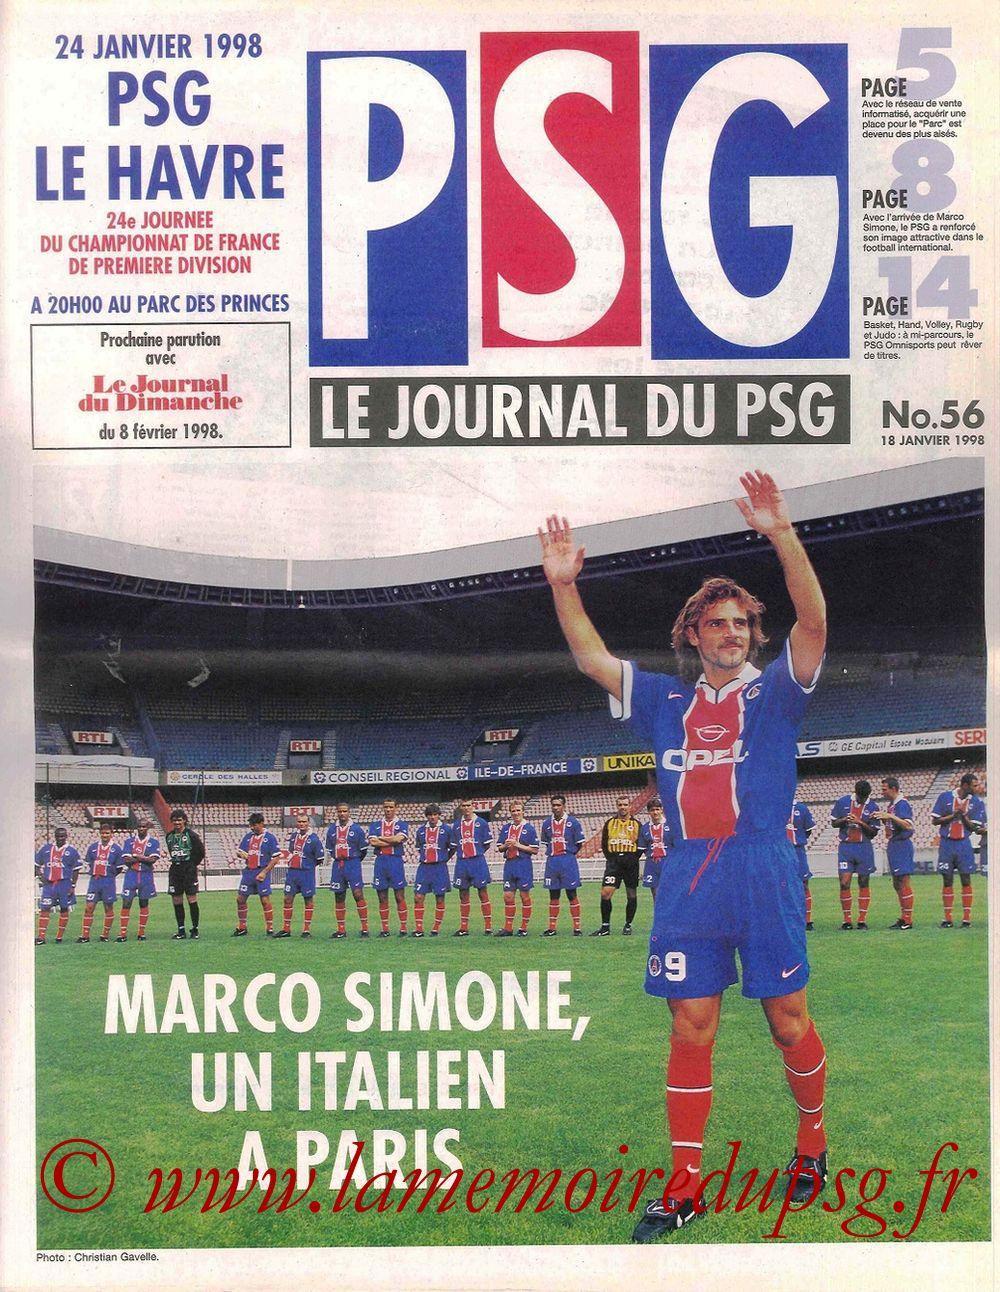 1998-01-24  PSG-Le Havre (24ème D1, Le Journal du PSG N°56)